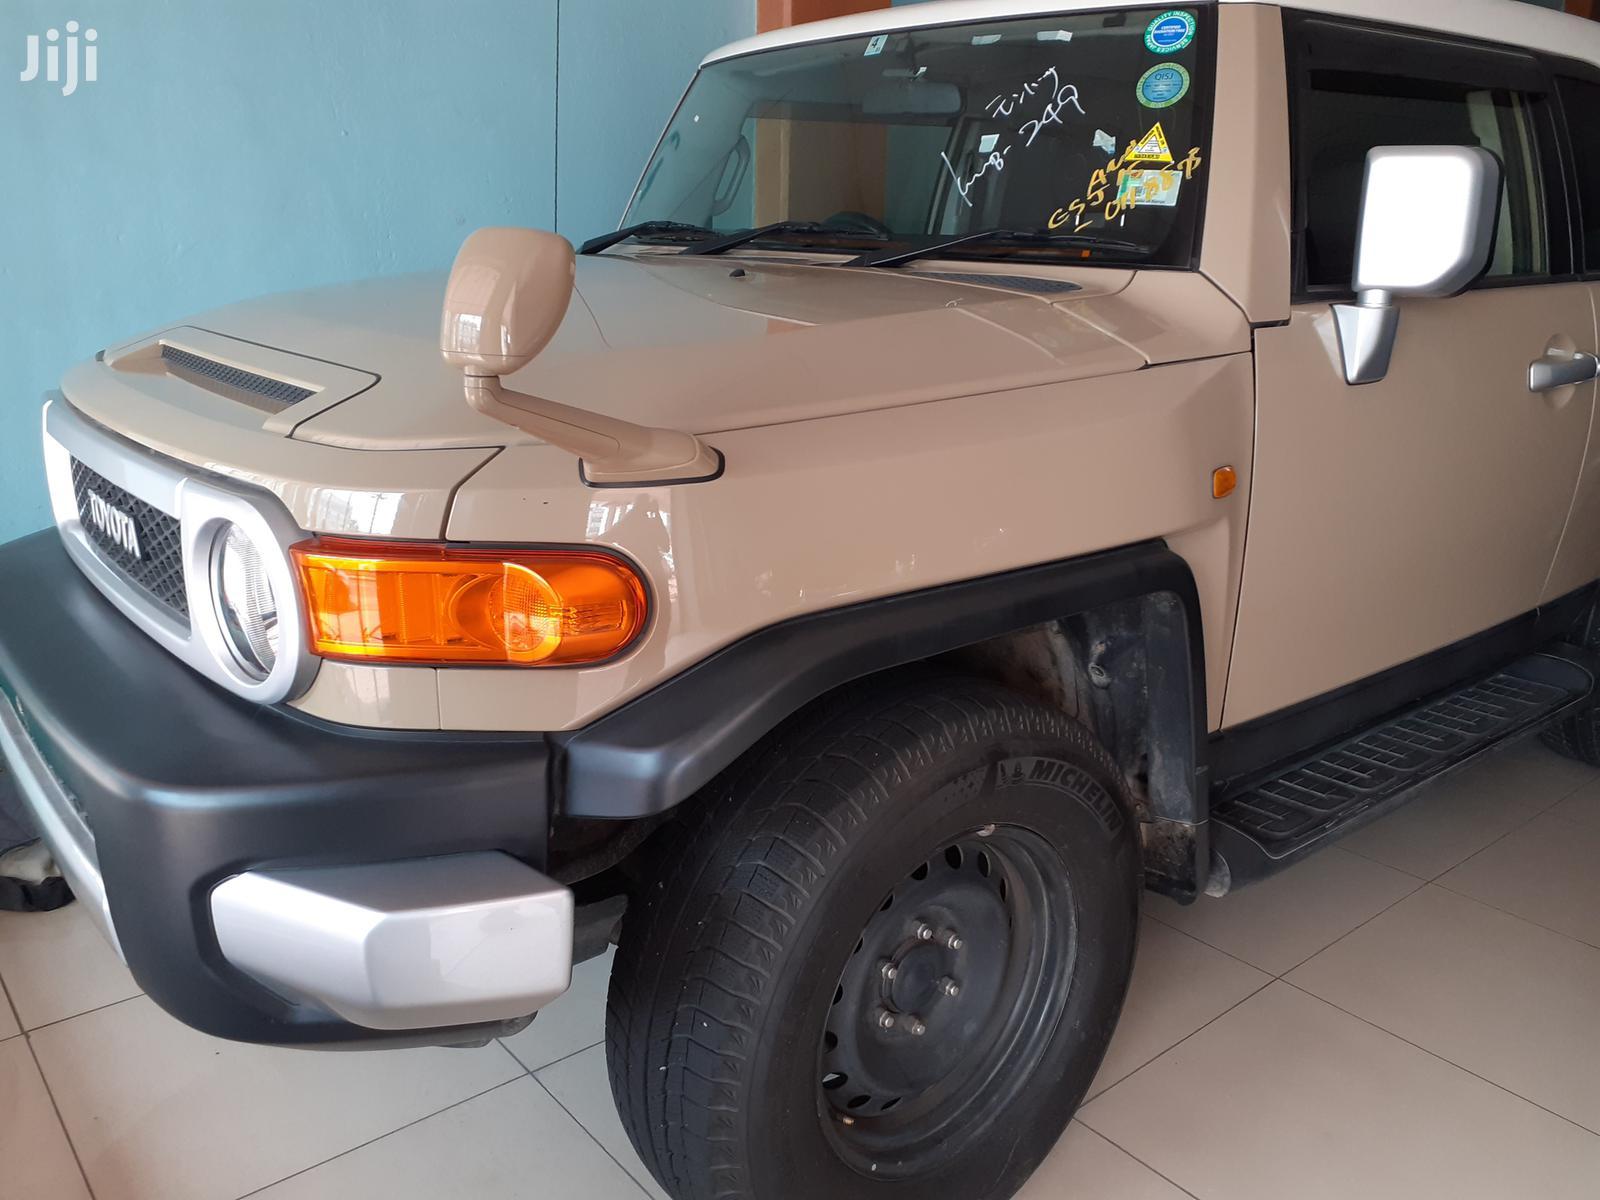 Toyota FJ Cruiser 2013 Beige | Cars for sale in Mvita, Mombasa, Kenya